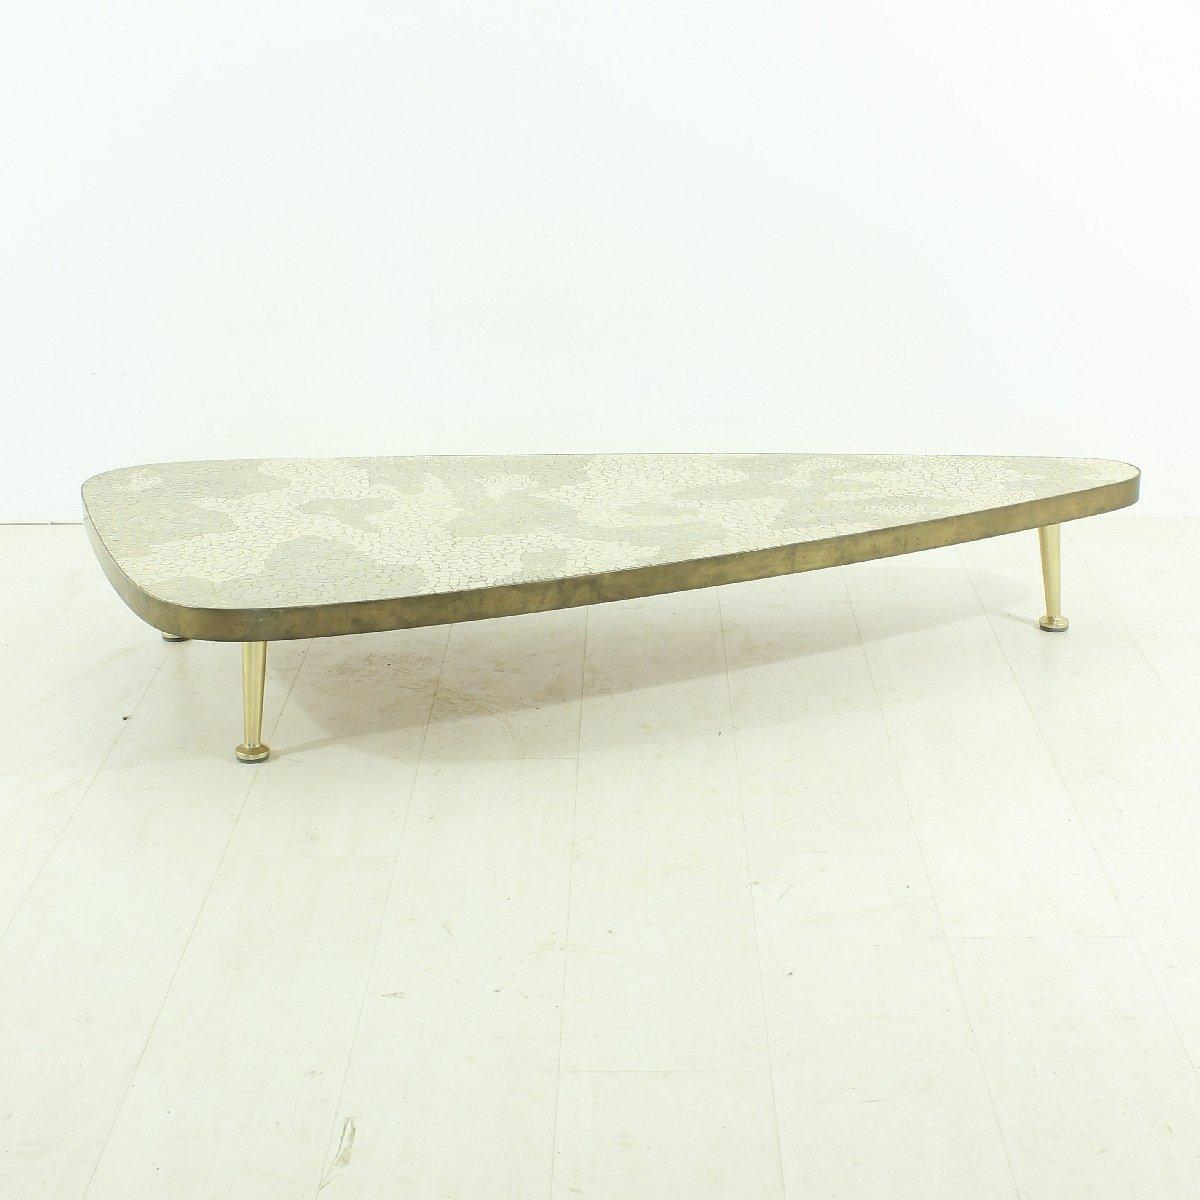 Table basse vintage blanche et grise 1950s en vente sur - Table basse grise et blanche ...